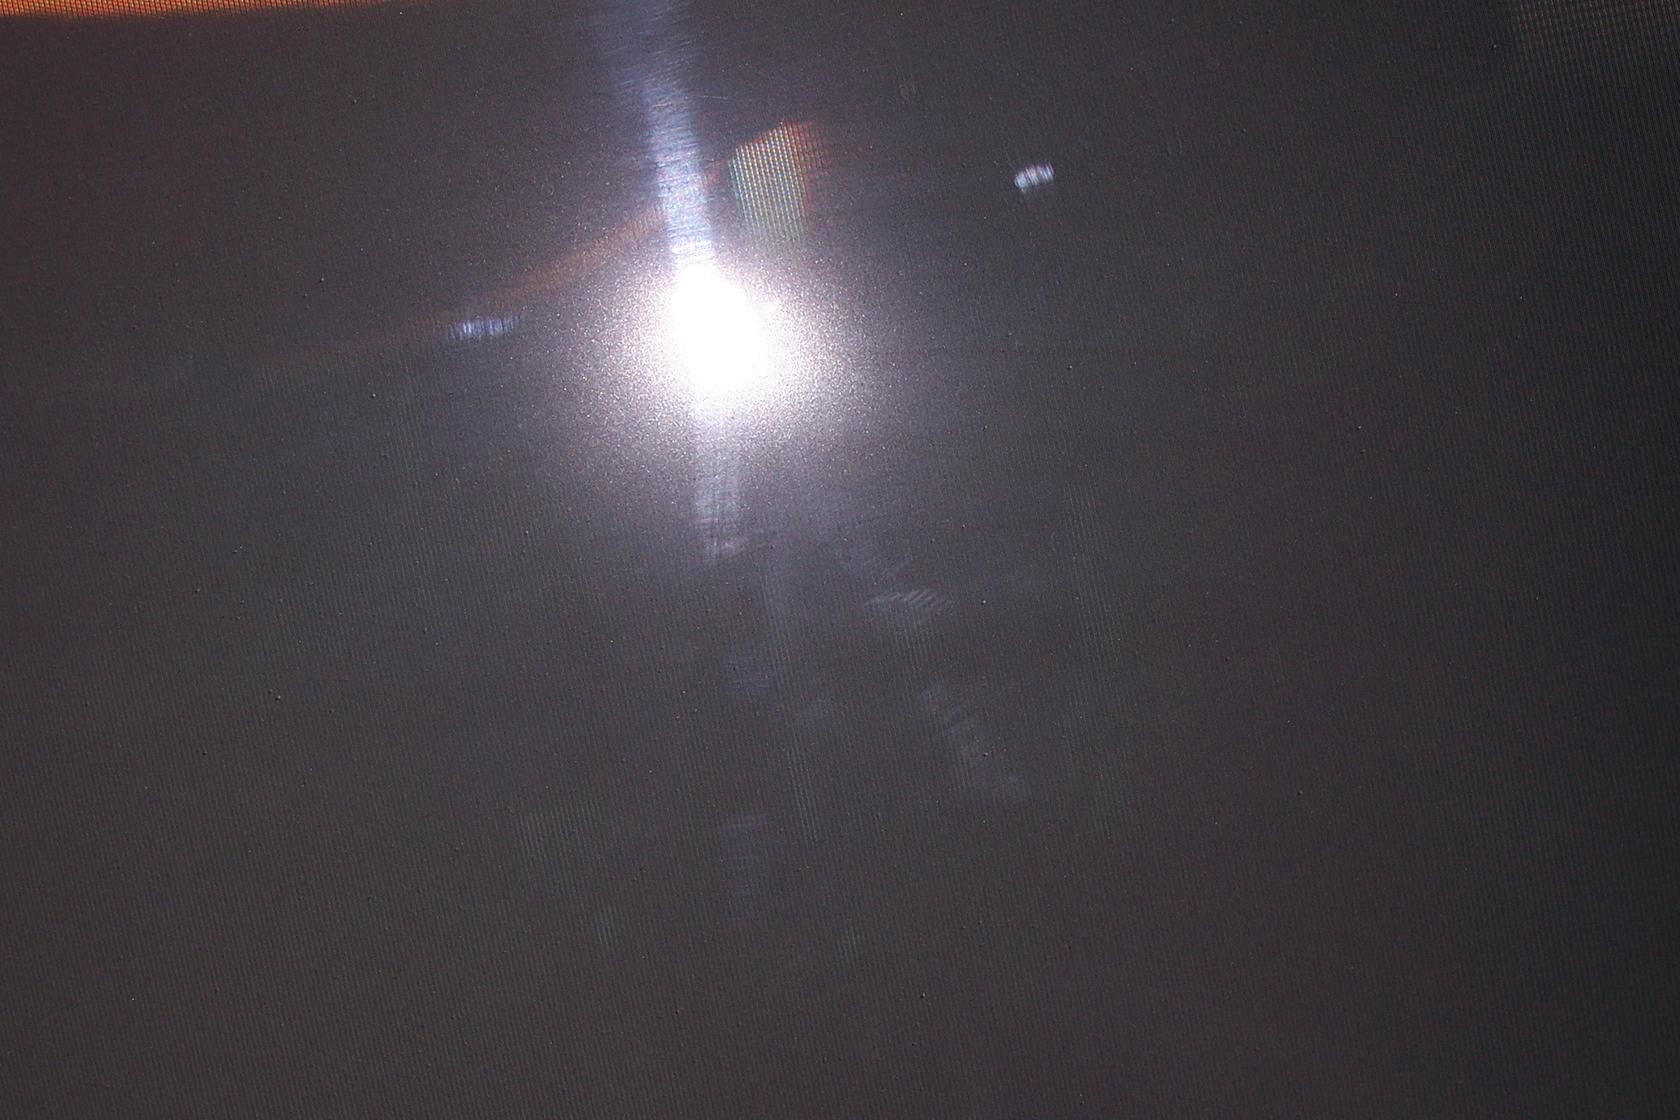 Az 4 M 283/15.BLN 2013